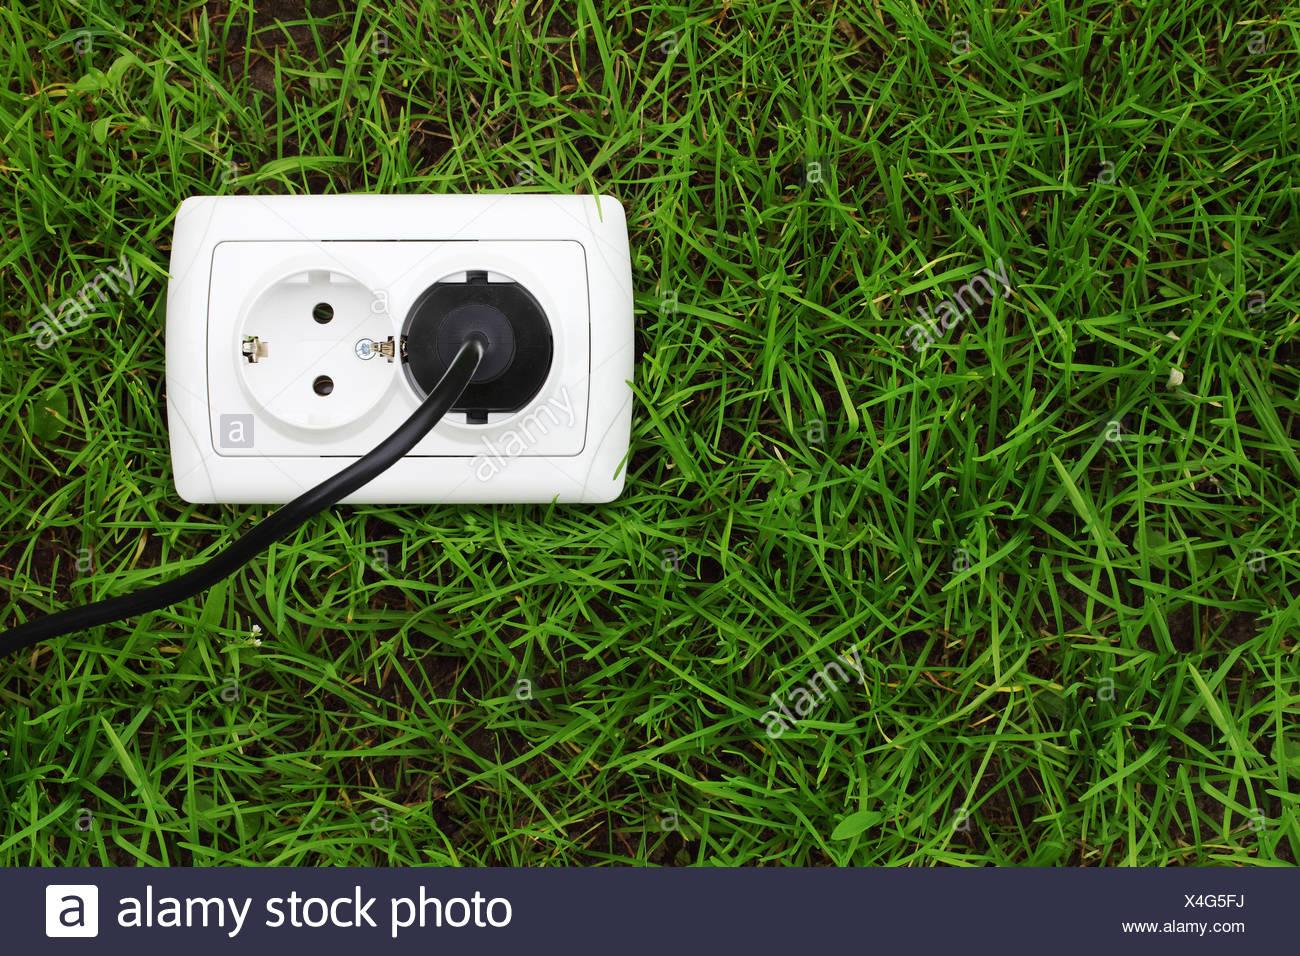 Prise d'alimentation électrique sur un fond d'herbe verte Banque D'Images